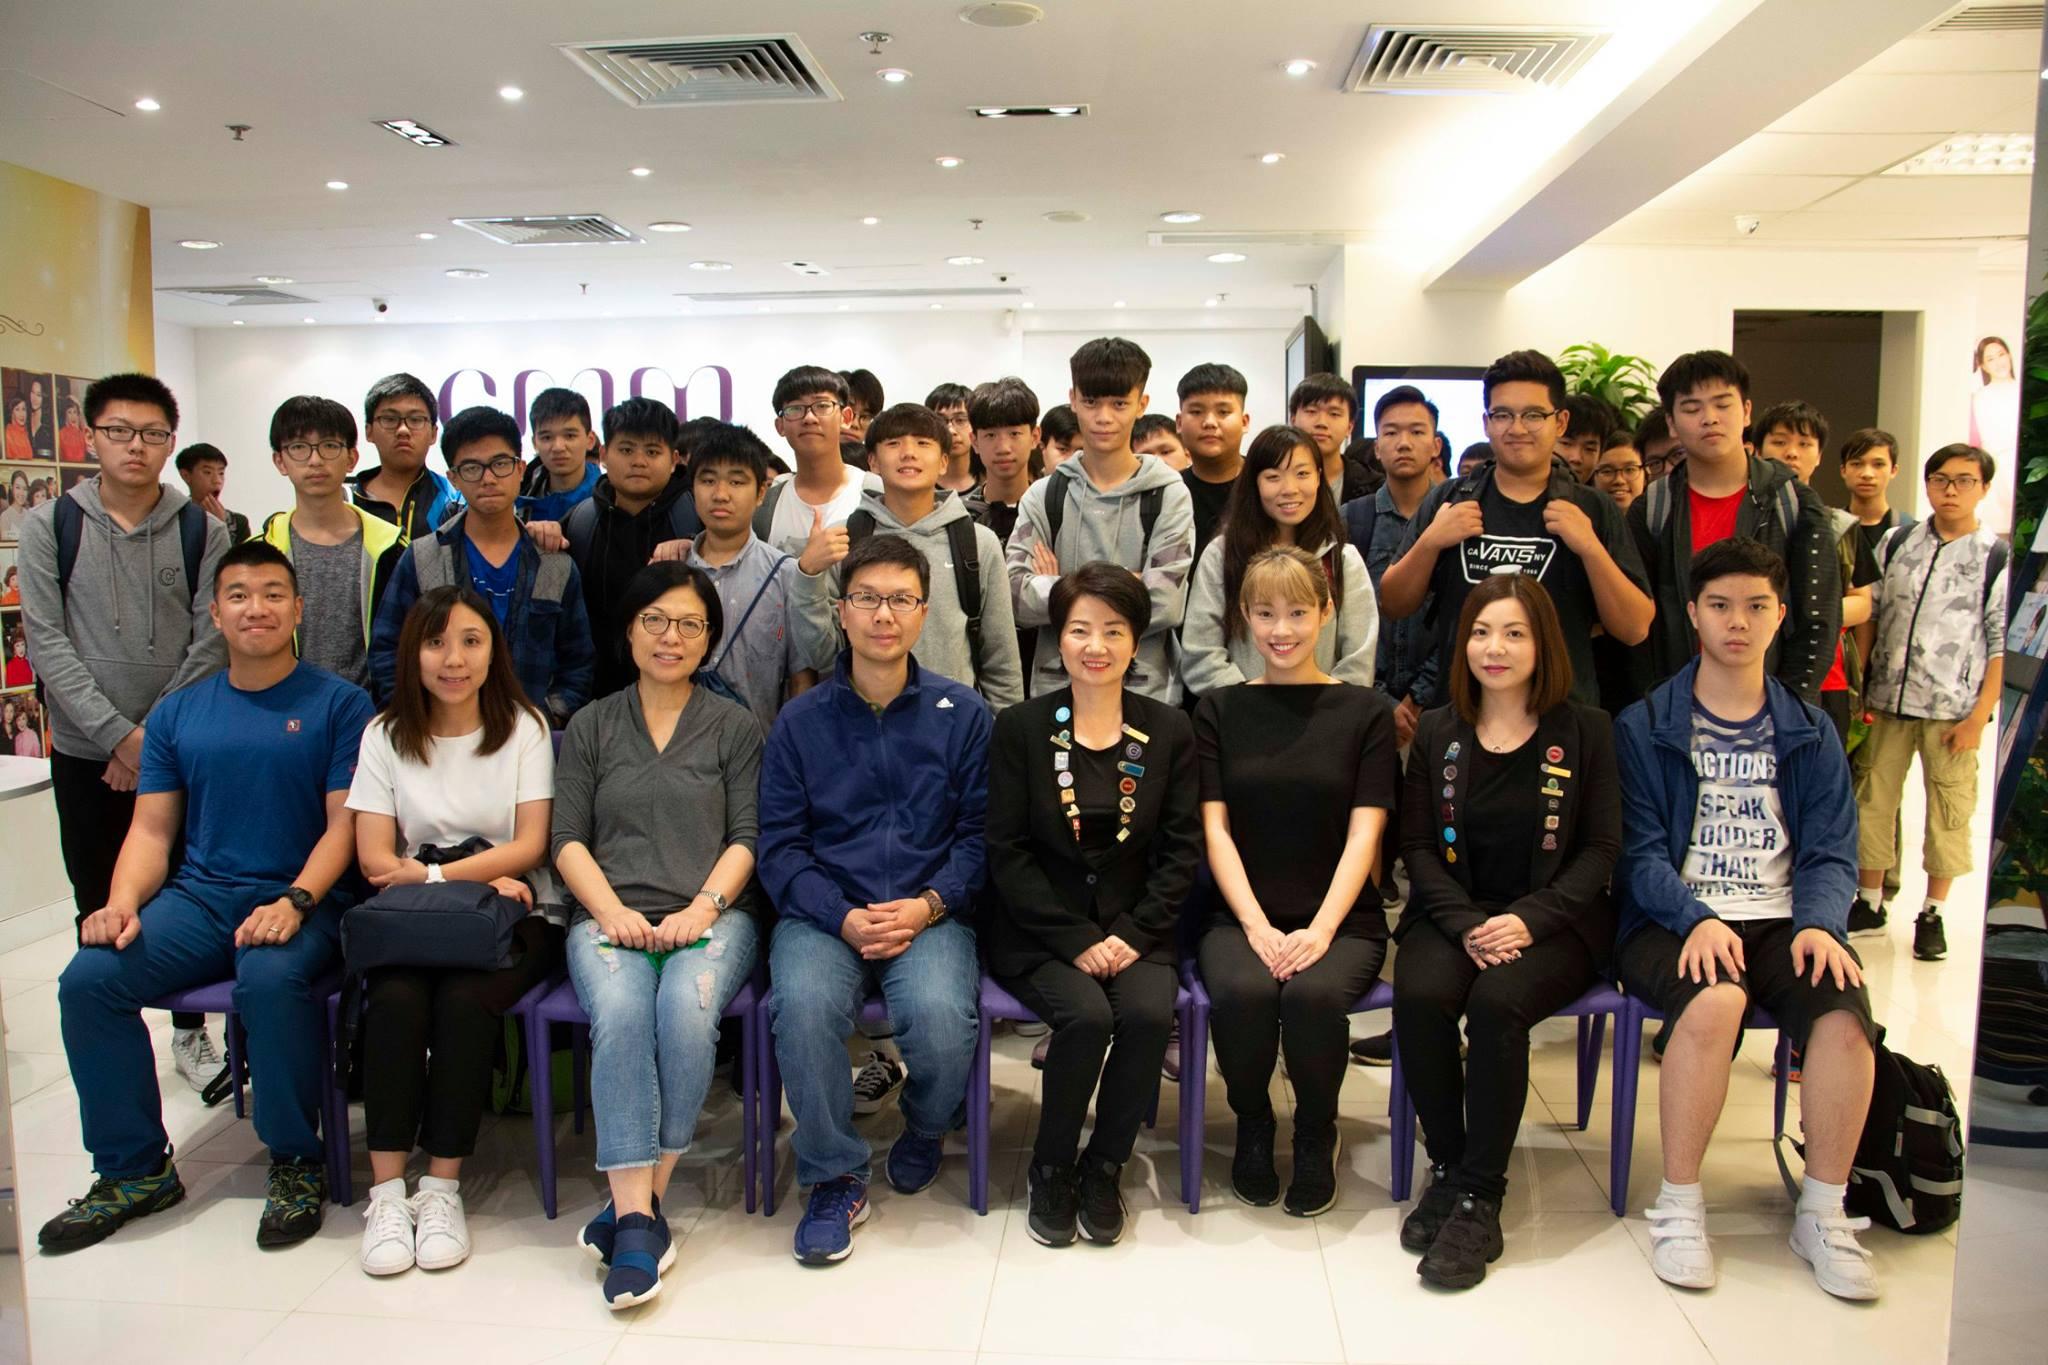 靈糧堂劉梅軒中學學校參觀